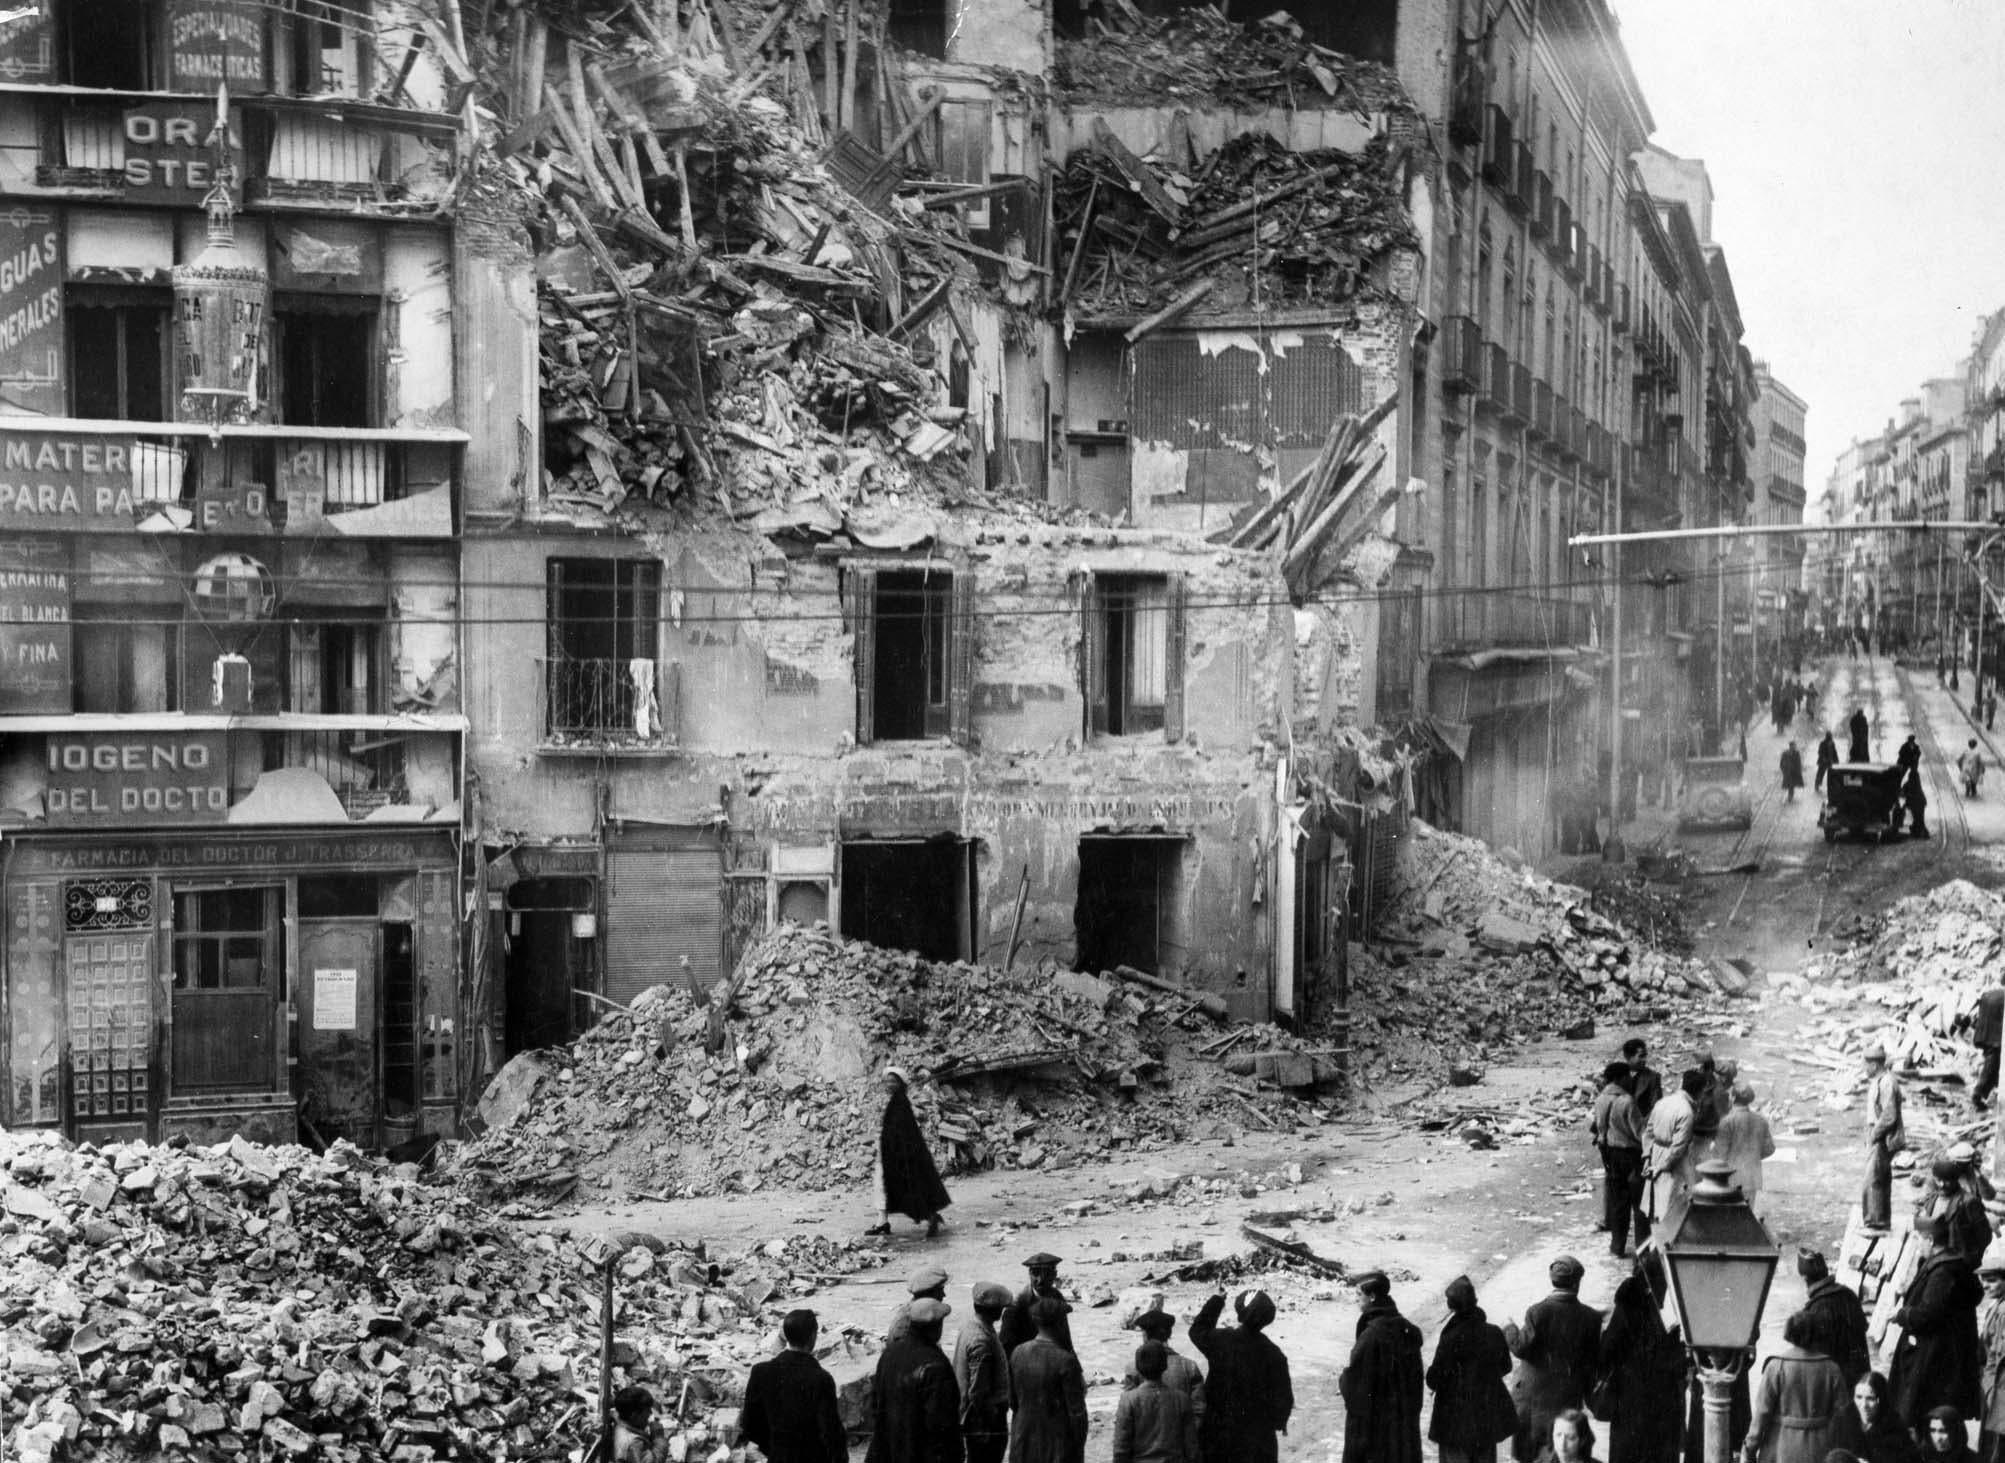 جانب من الخراب الذي خلفه القصف على المدن